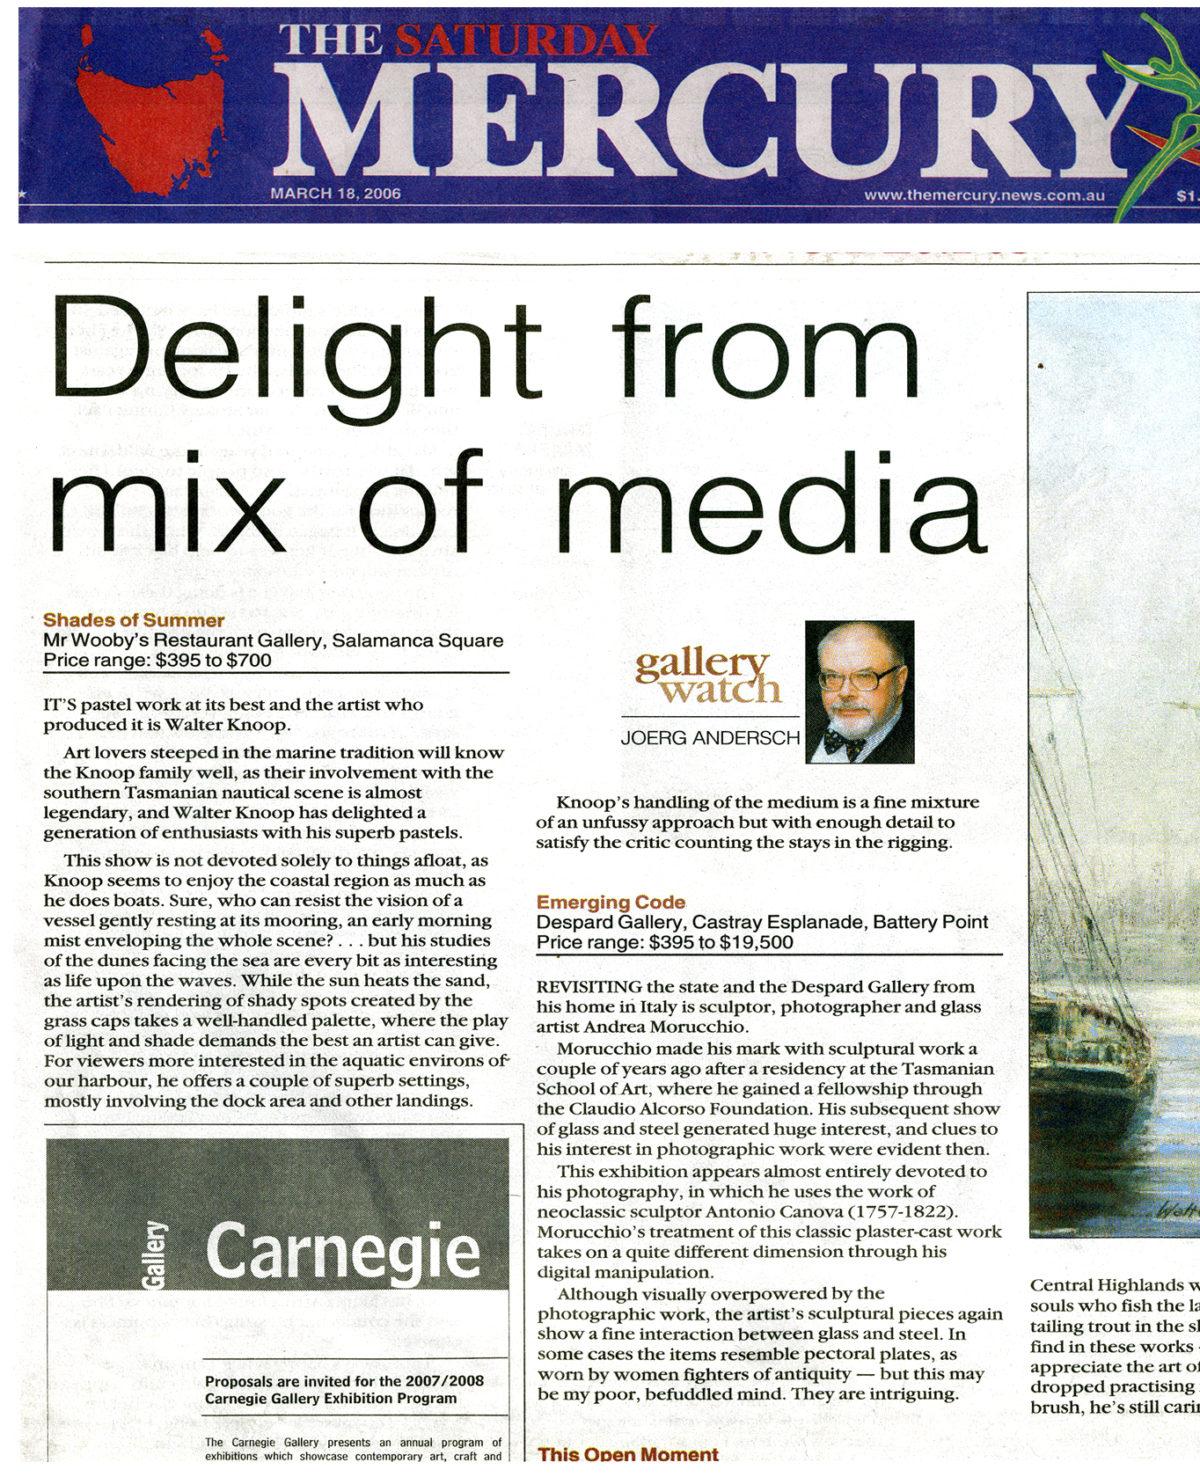 The Mercury | 18.03.2006